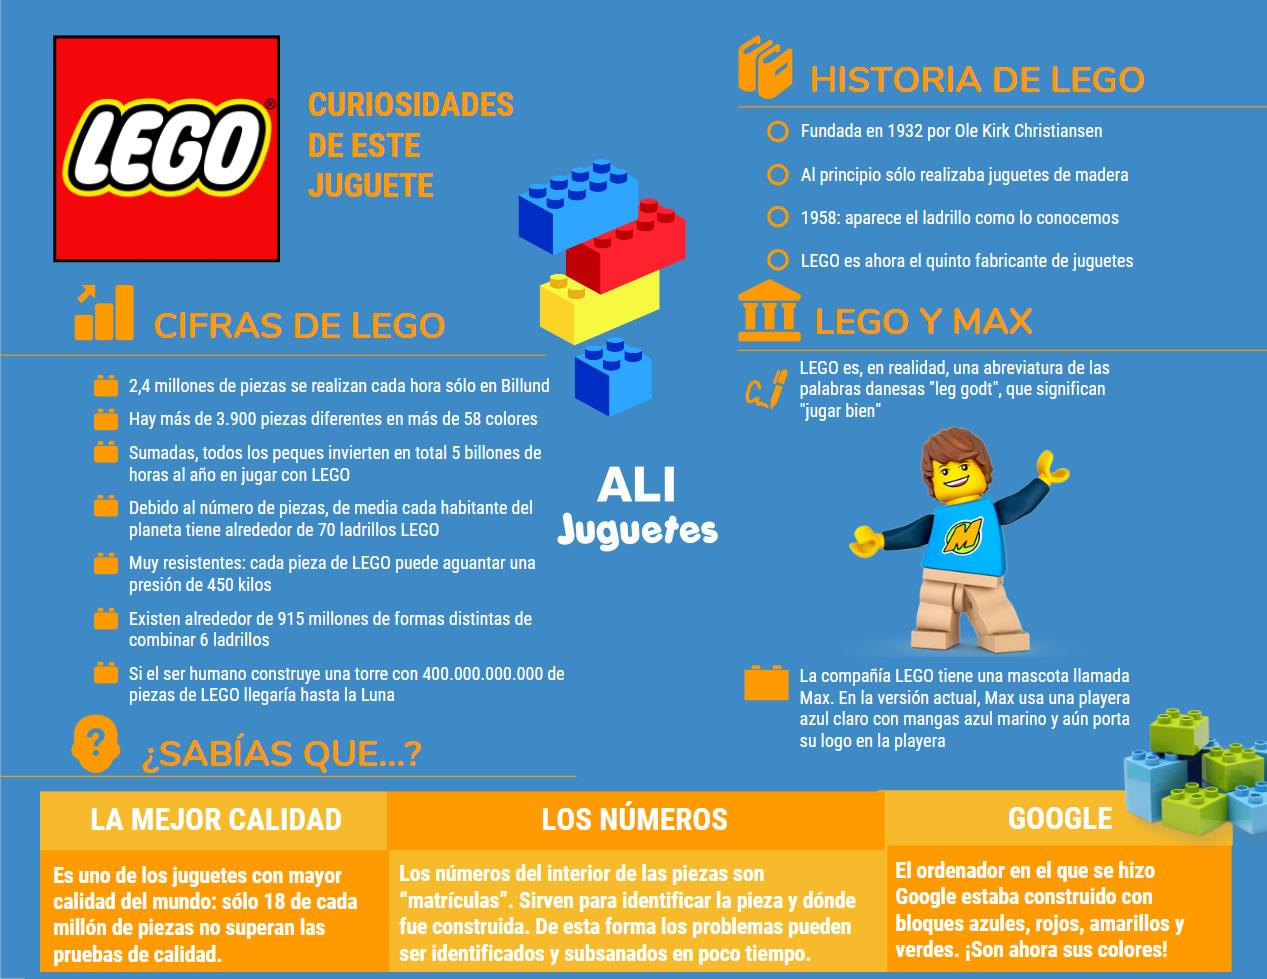 Curiosidades de LEGO: infografía